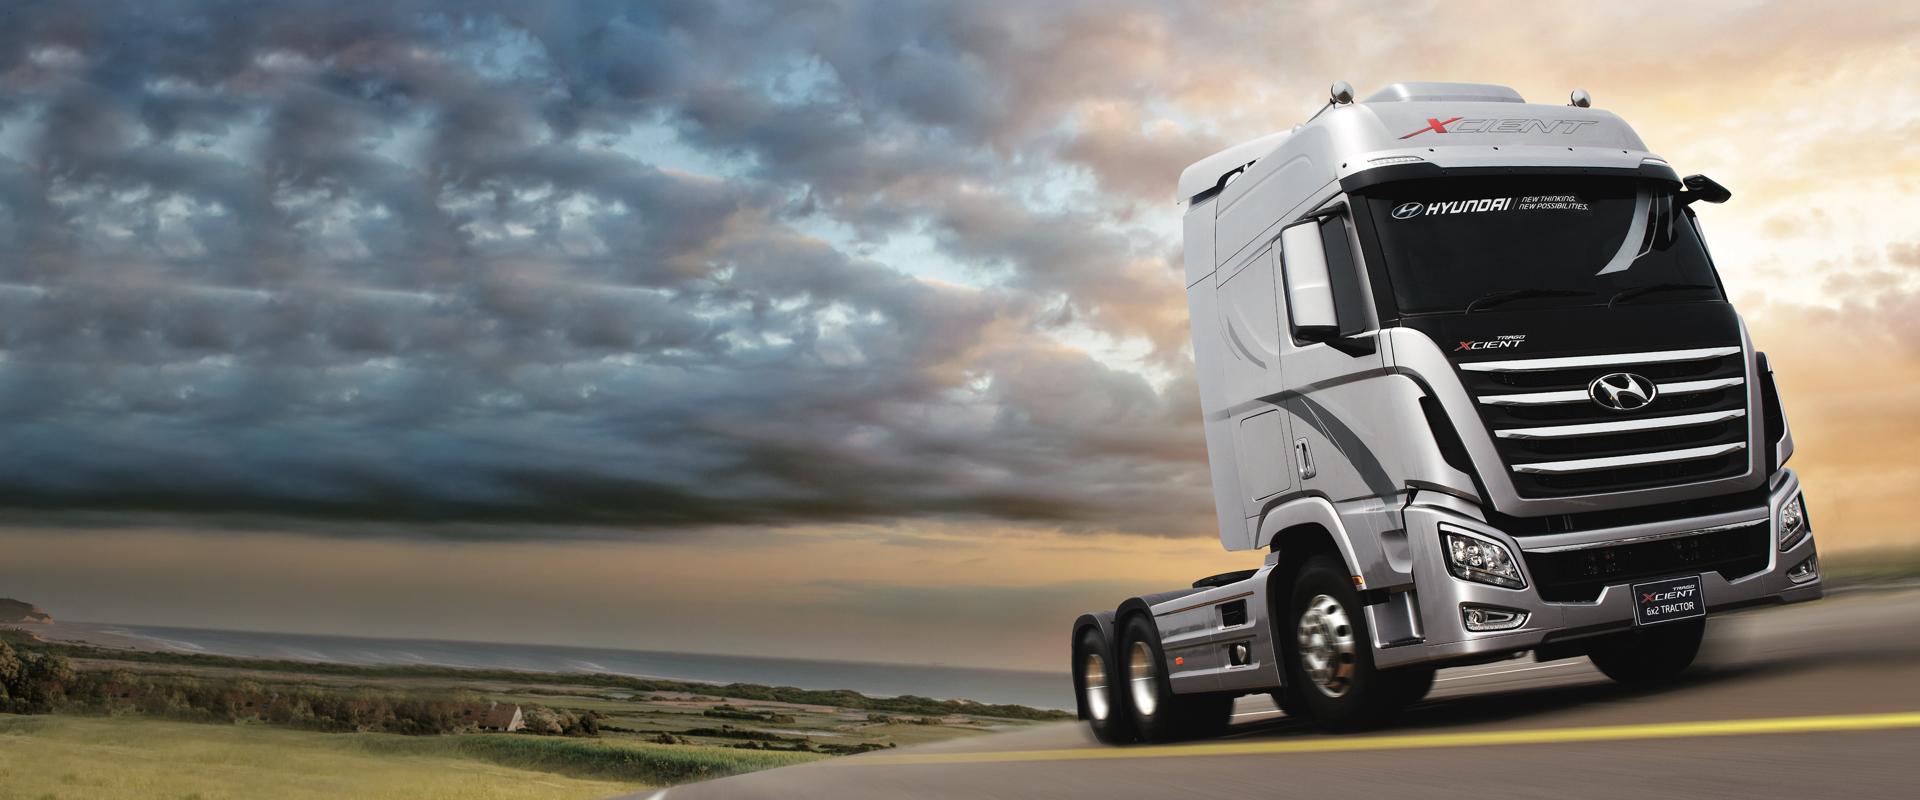 فلسفة تصميم المركبات التجارية - شاحنة